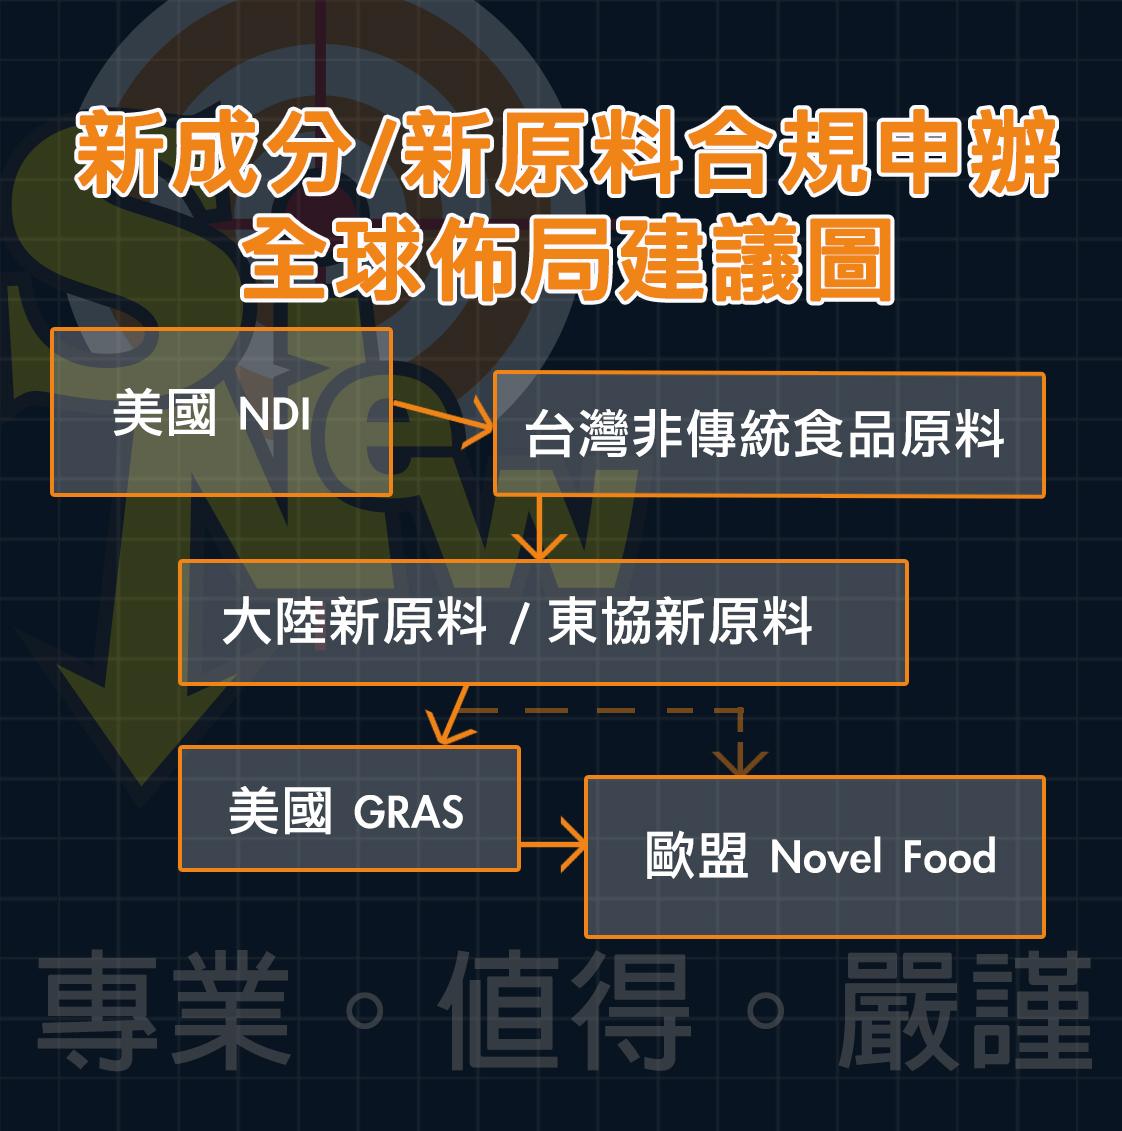 新成分/新原料合規申辦全球佈局建議圖